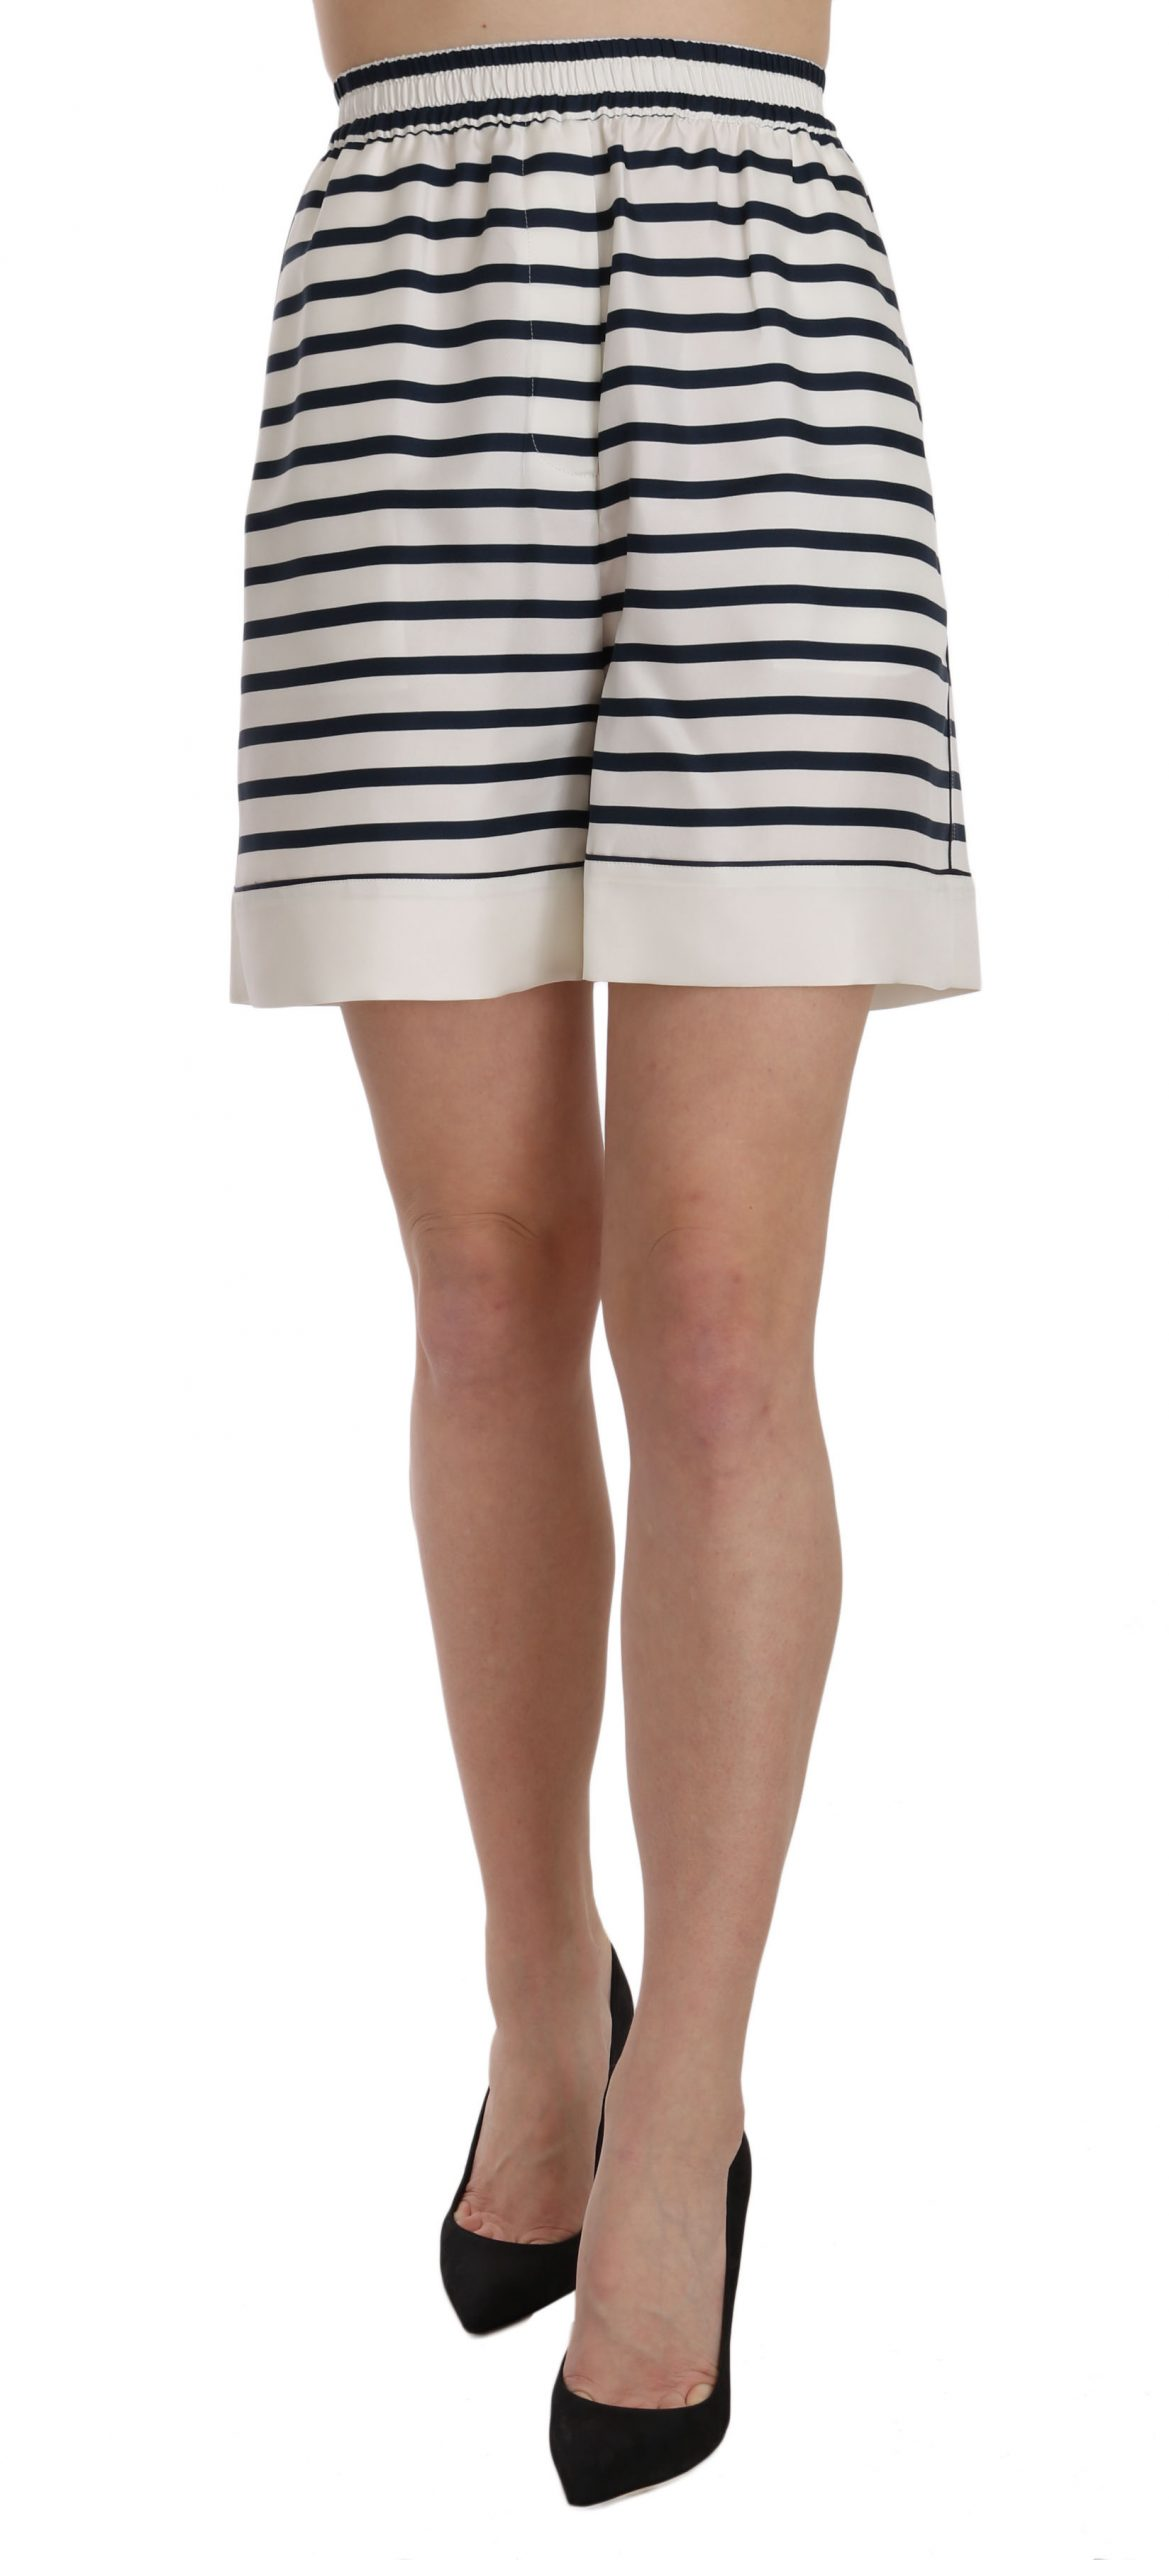 Dolce & Gabbana Women's Skirt Black/W hite SKI1205 - IT42|M